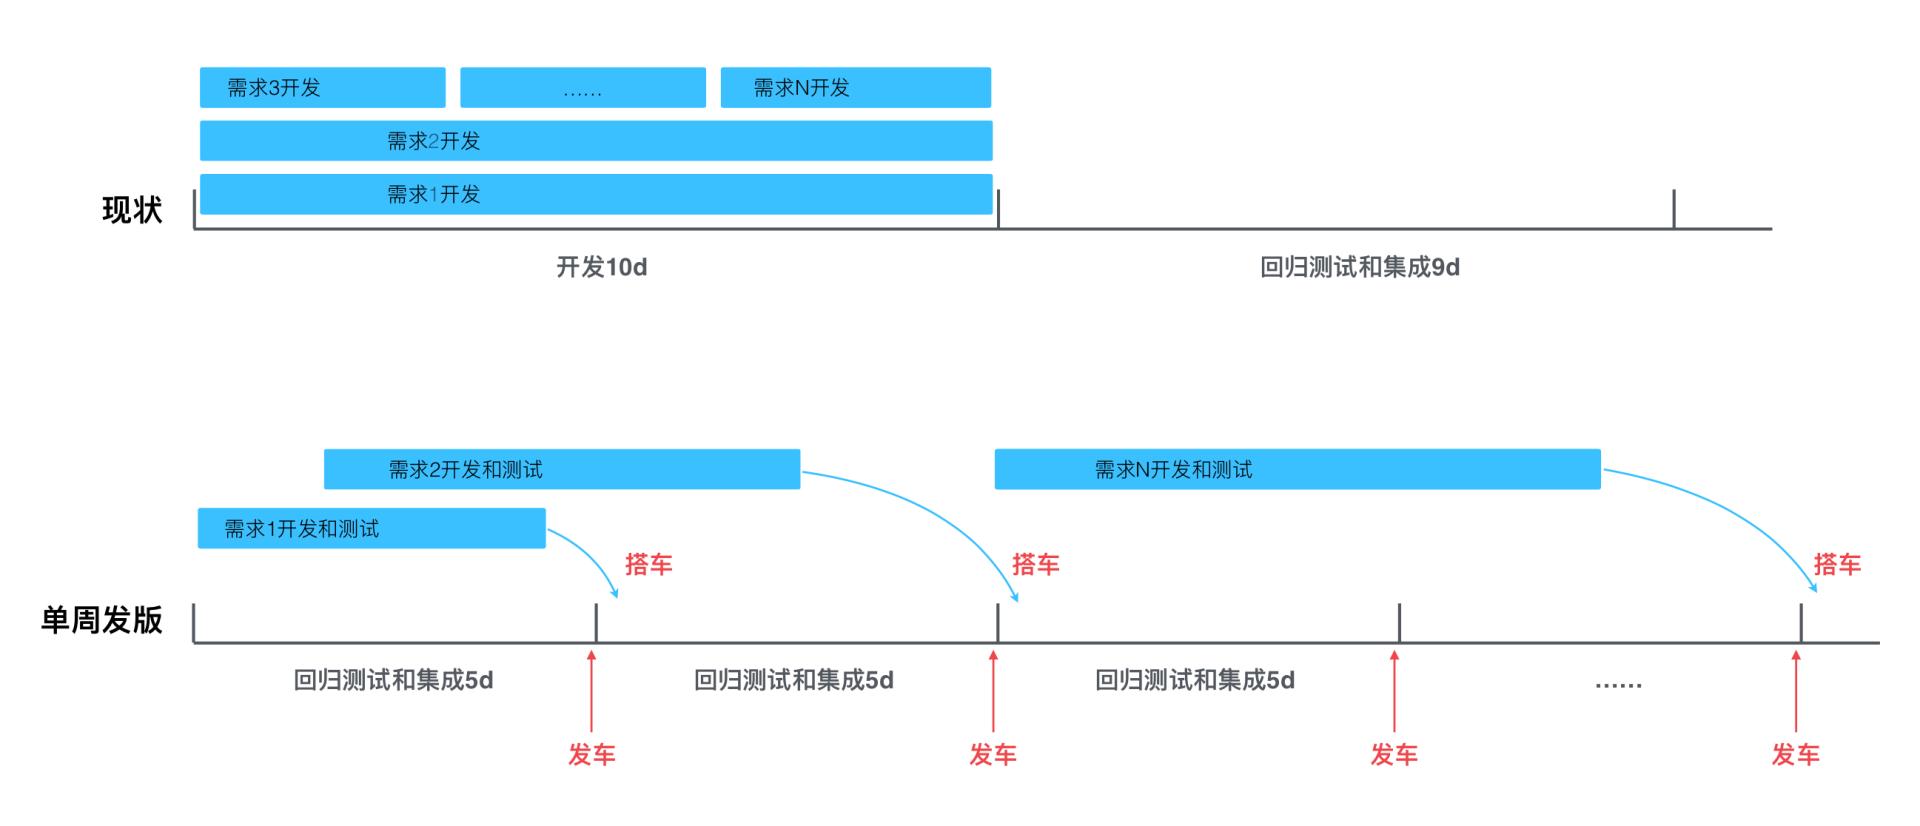 小步快跑的 APP 发布流程